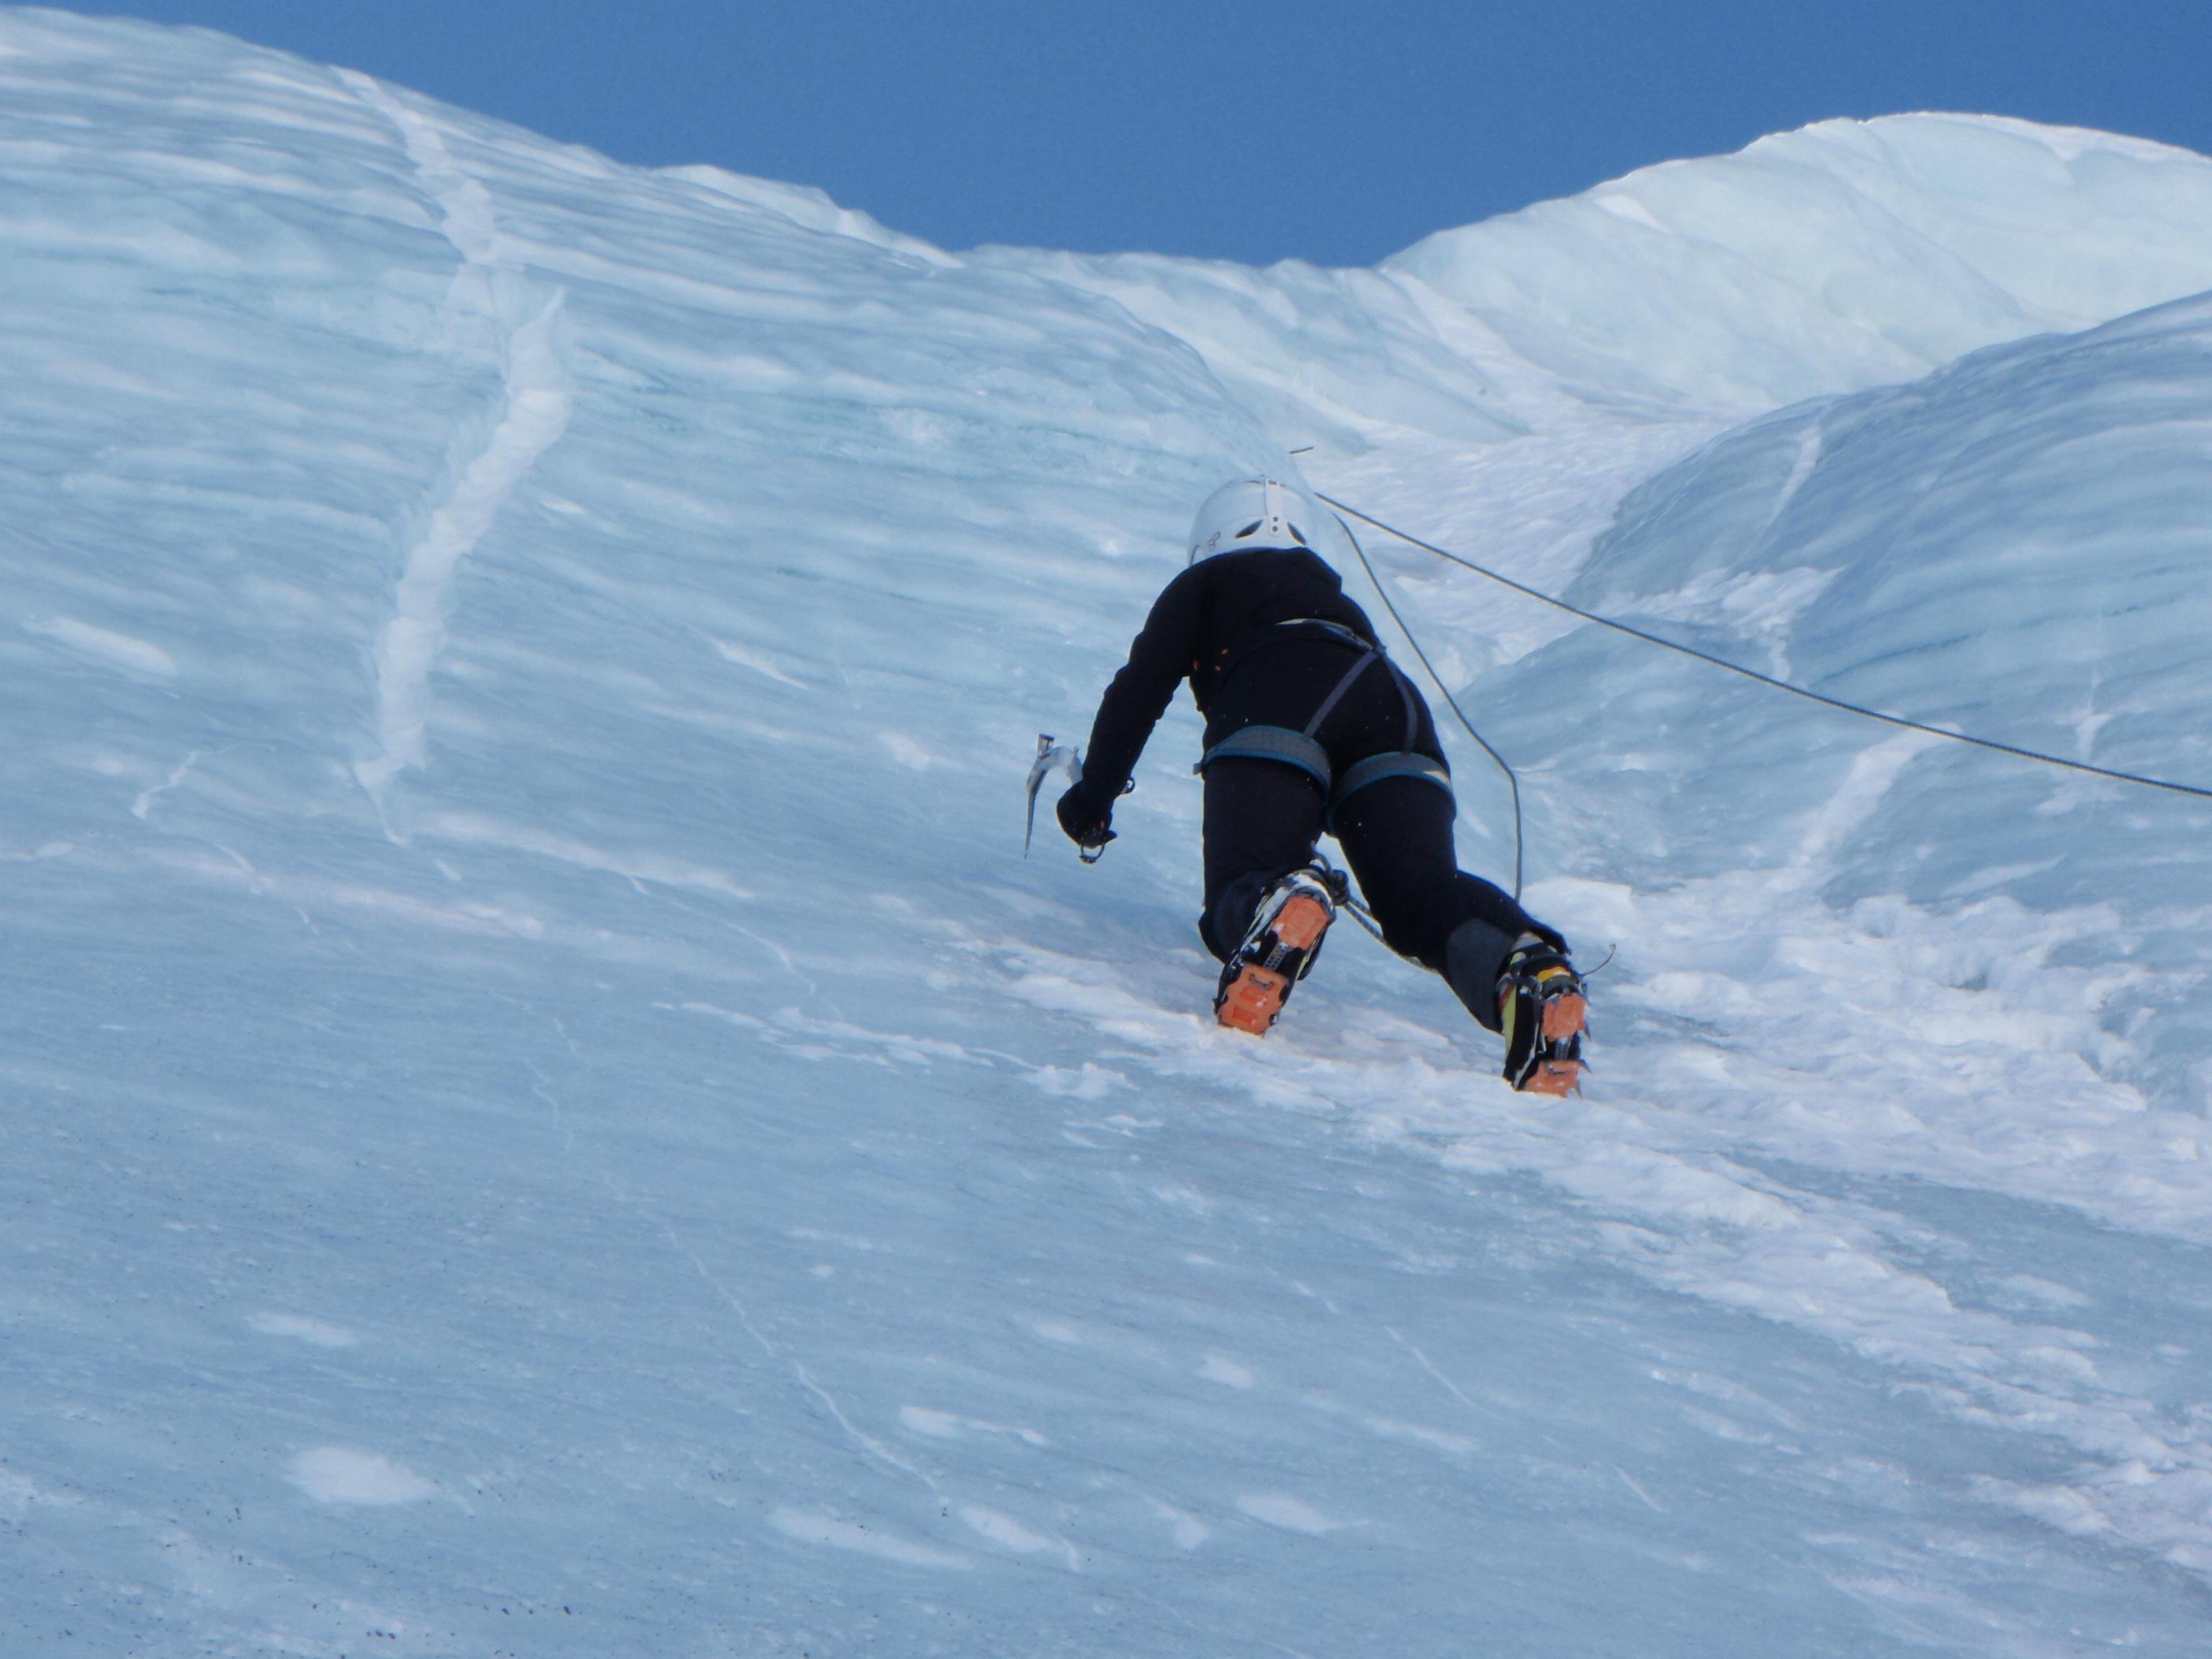 Ice climbing - Advanced